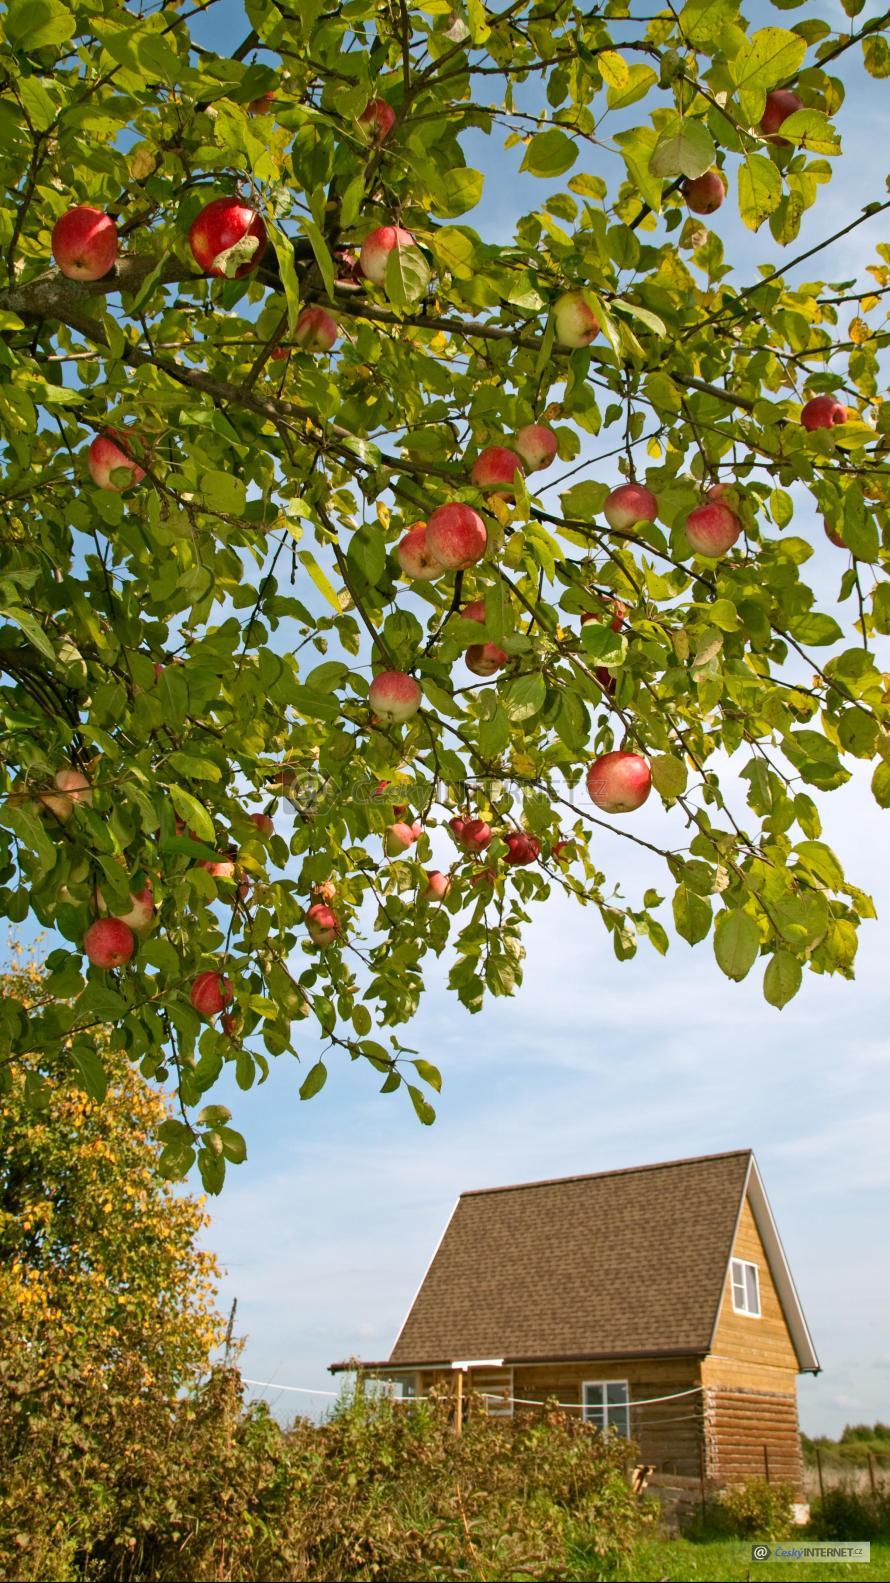 Jabloň se zrajícími plody - detail.